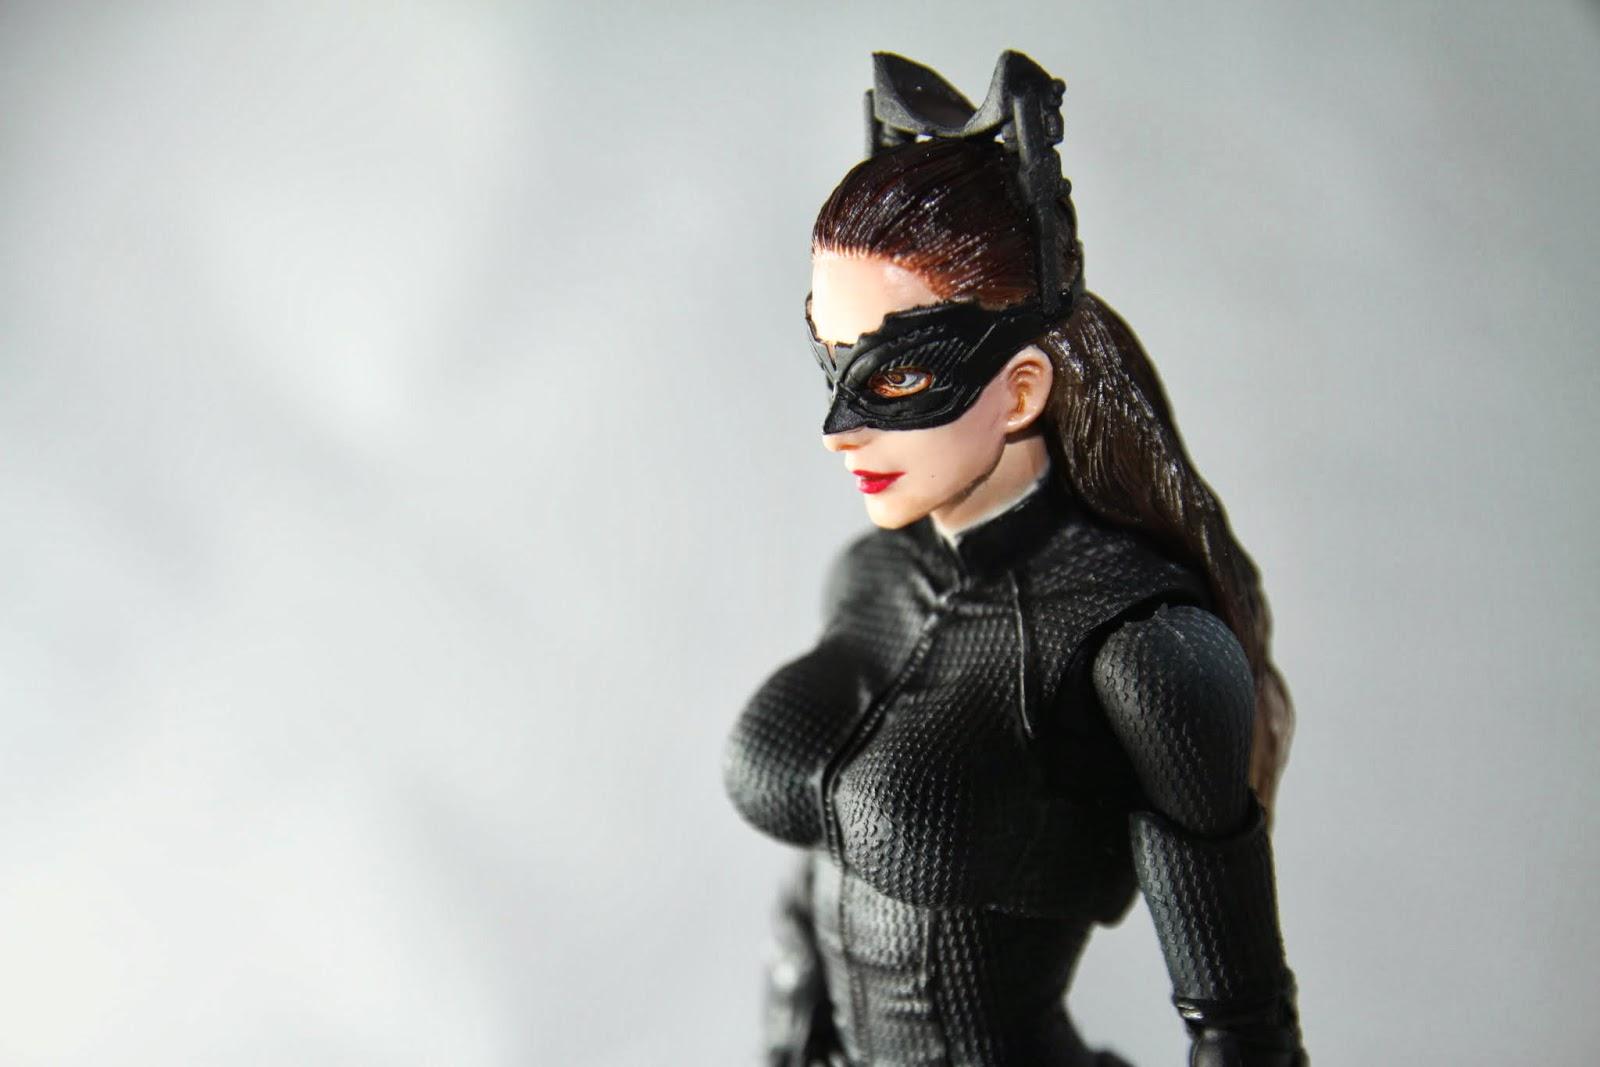 這眼罩設計真的很不錯啊喵 翻上去的時候正面看起來就像是貓耳